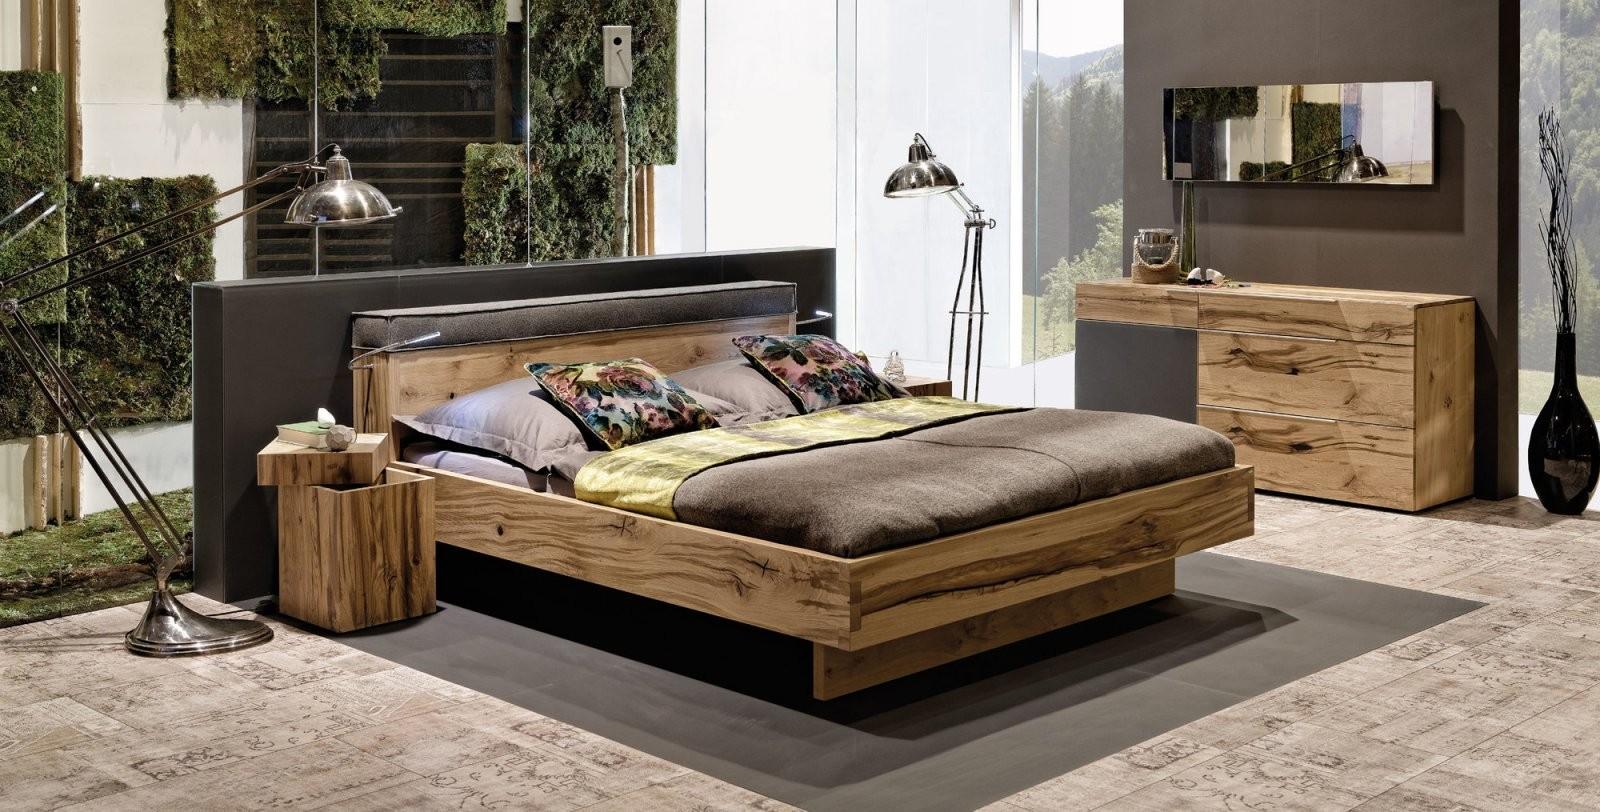 Vpur  Products  Furniture  Voglauer von Voglauer Bett V Pur Bild